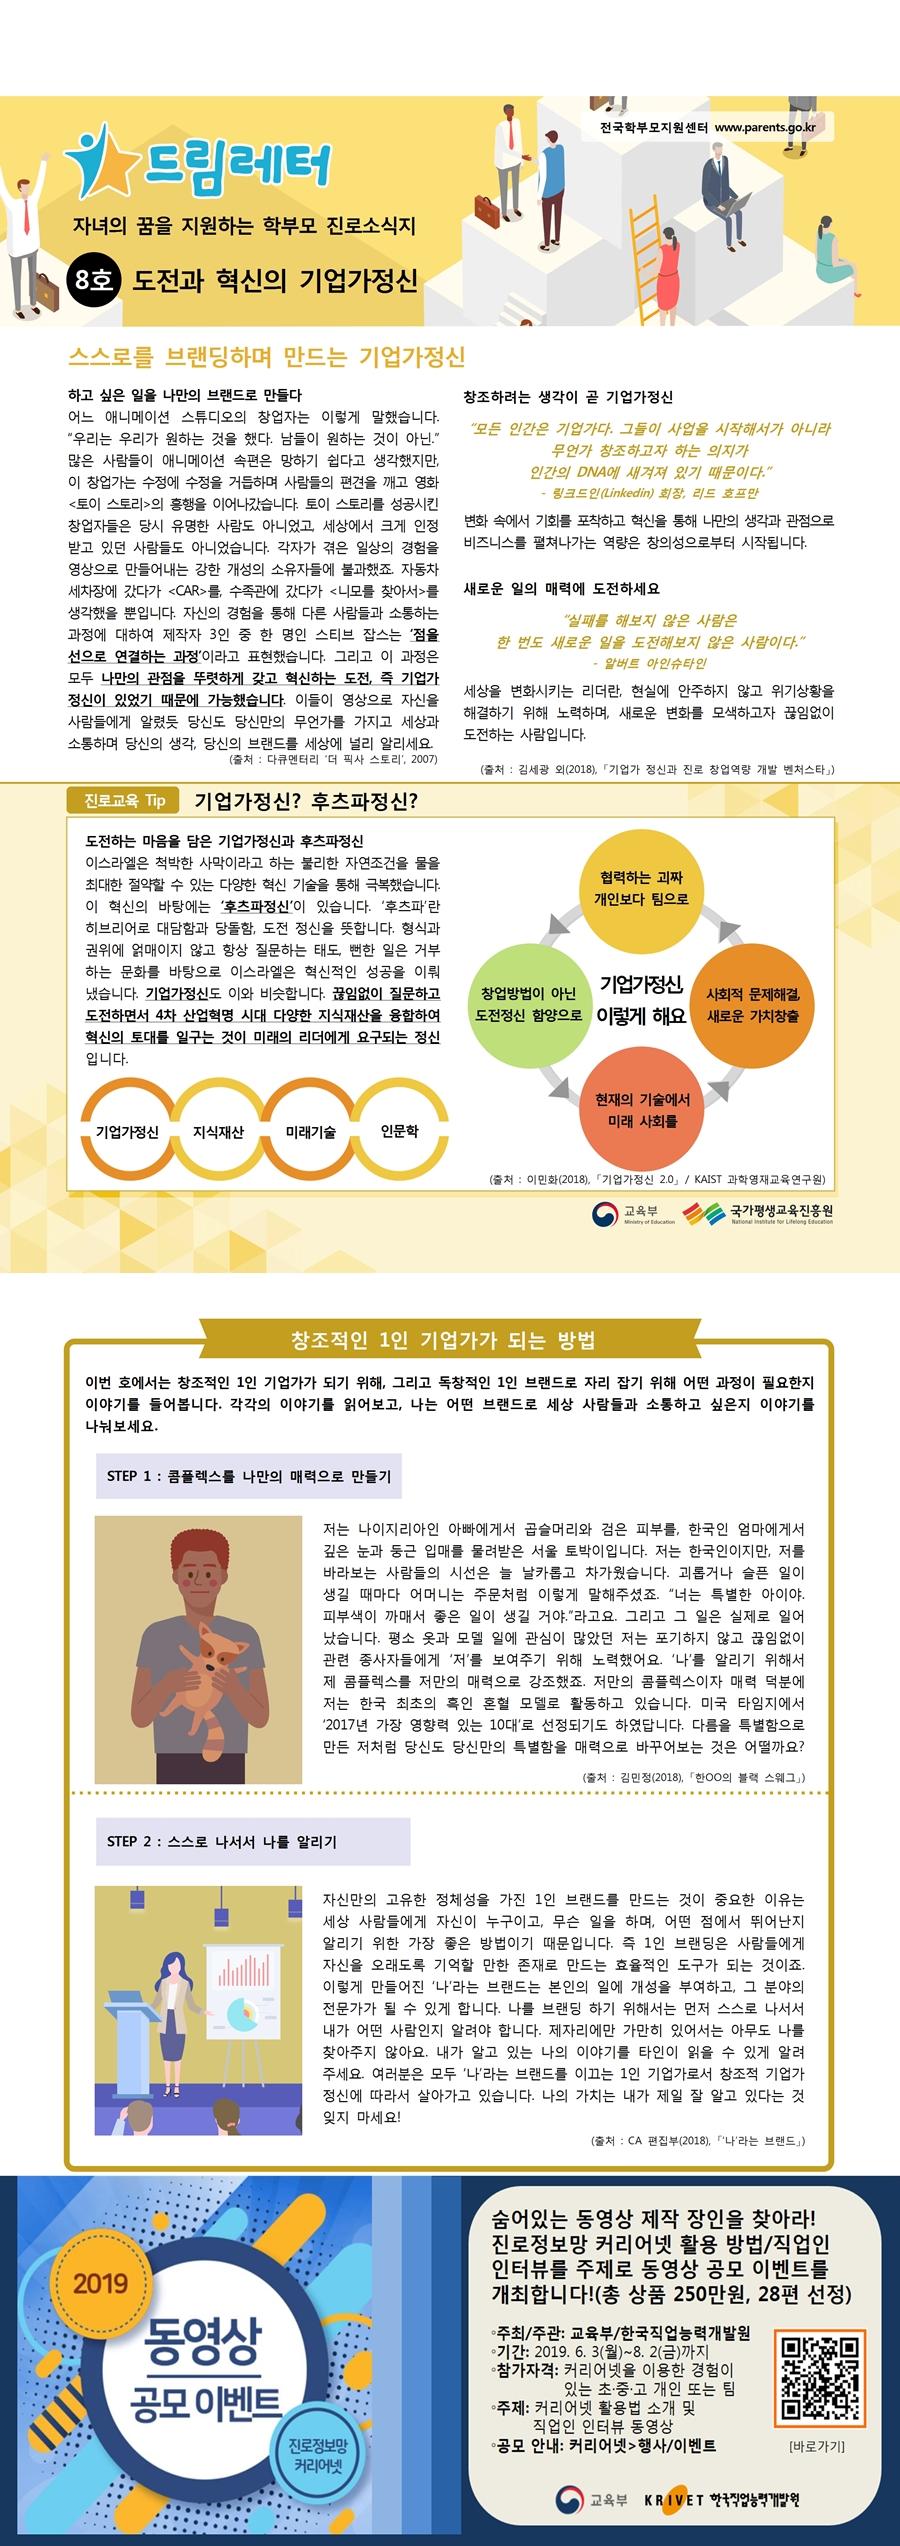 [일반] 2019_8호 자녀의 꿈을 지원하는 학부모 진로 소식지의 첨부이미지 1